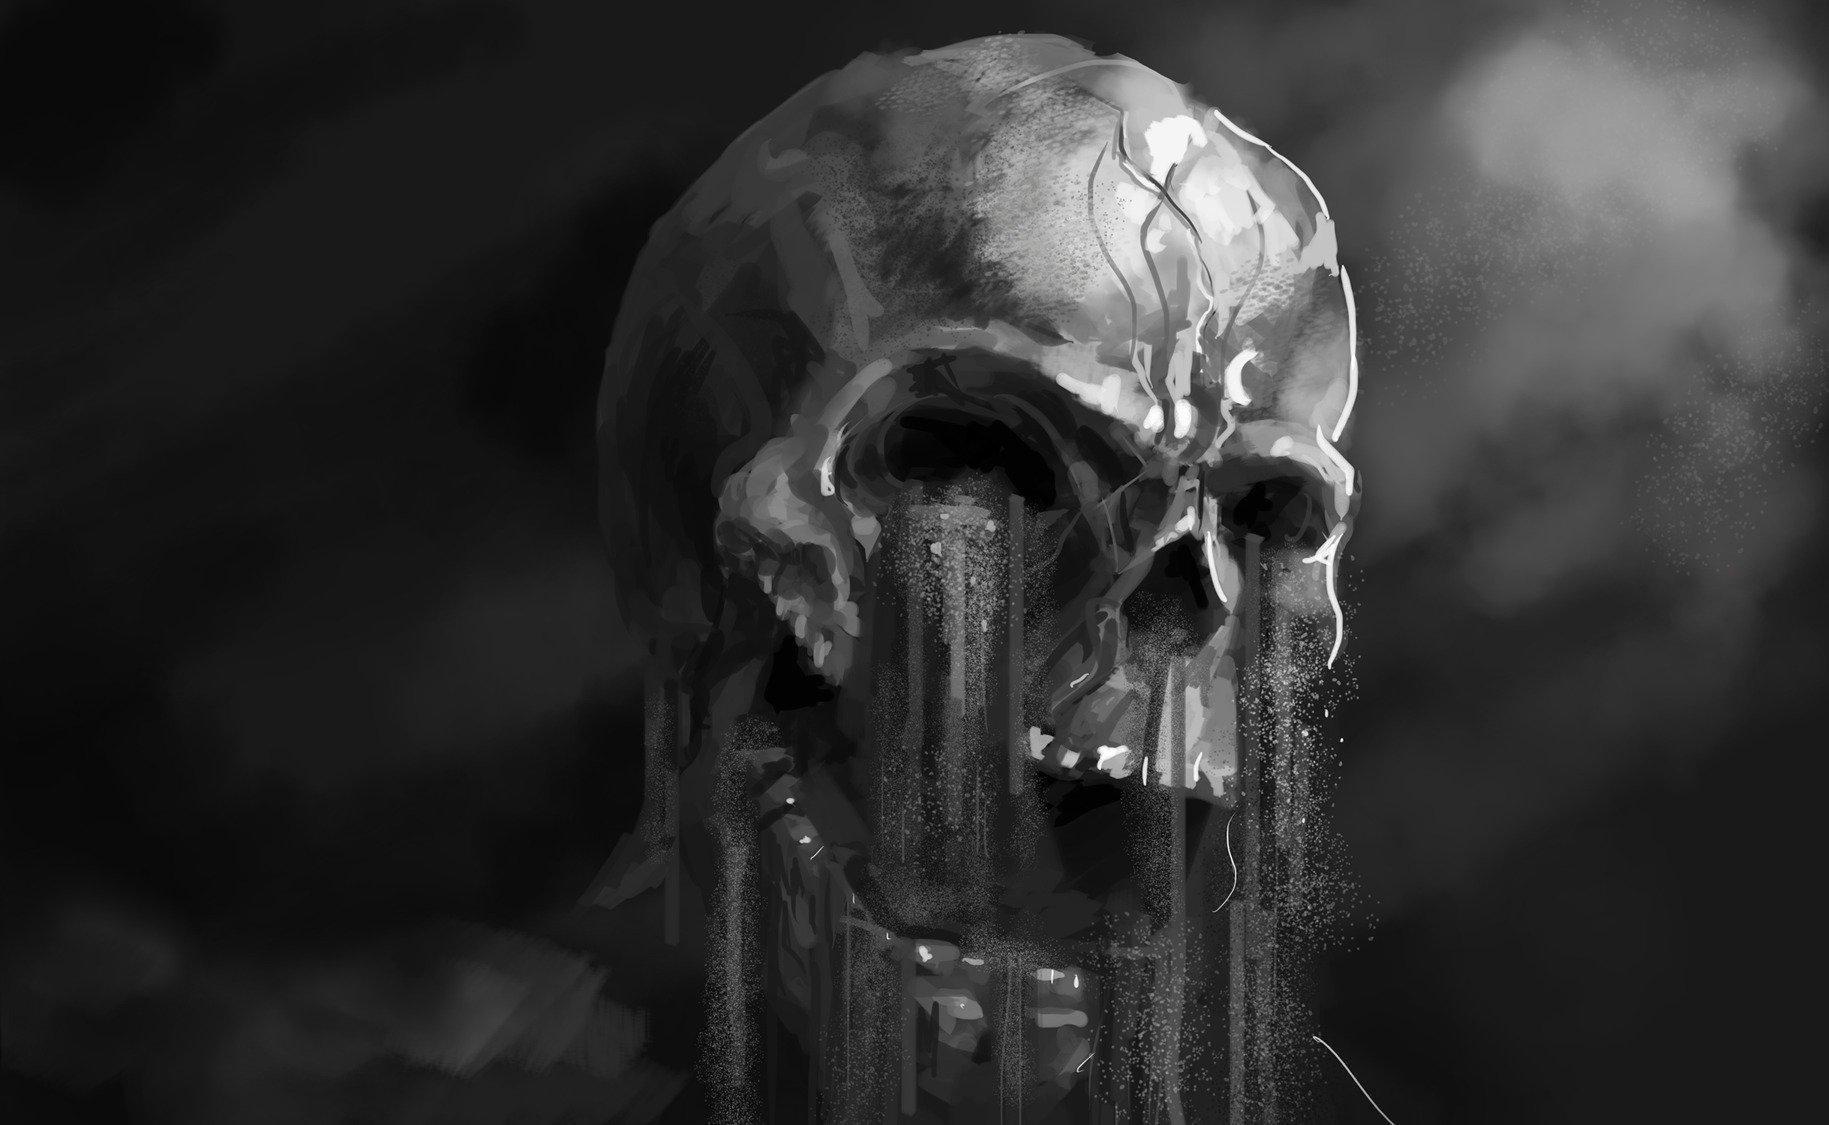 Dark - Skull Dark Horror Artwork Artistic Black & White Wallpaper